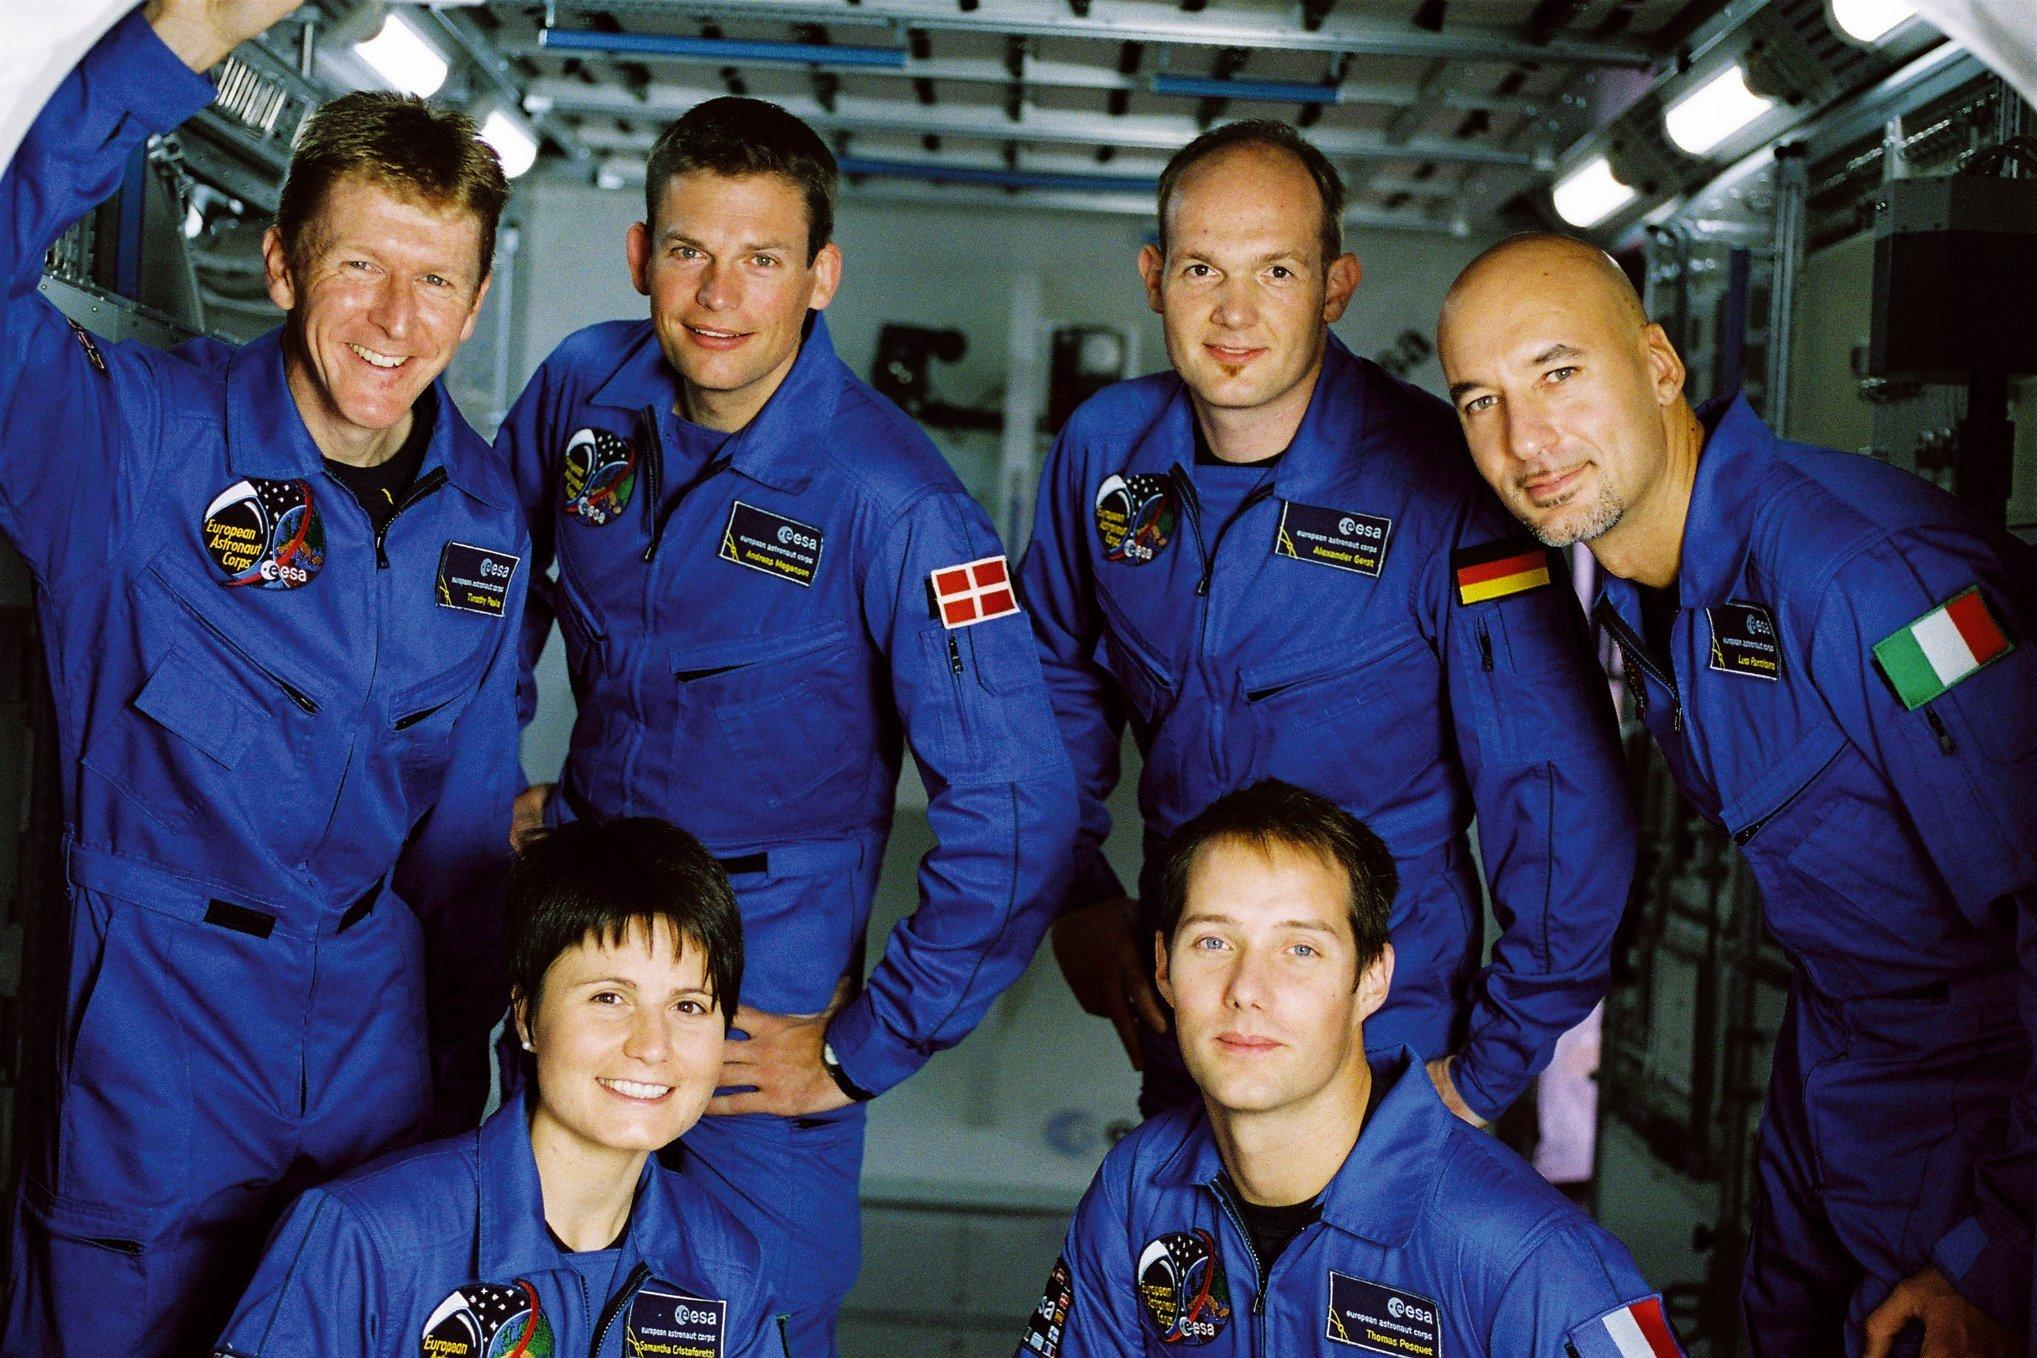 """Die sechs 2009ausgewählten neuen ESA-Astronauten posieren in einem Modell eines Moduls der Raumstation: Timothy """"Tim"""" Peake (GB), Andreas Mogensen (Dänemark), Alexander Gerst (Deutschland), Luca Parmitano (Italien), Samantha Cristoforetti (Italien), Thomas Pesquet (Frankreich)"""